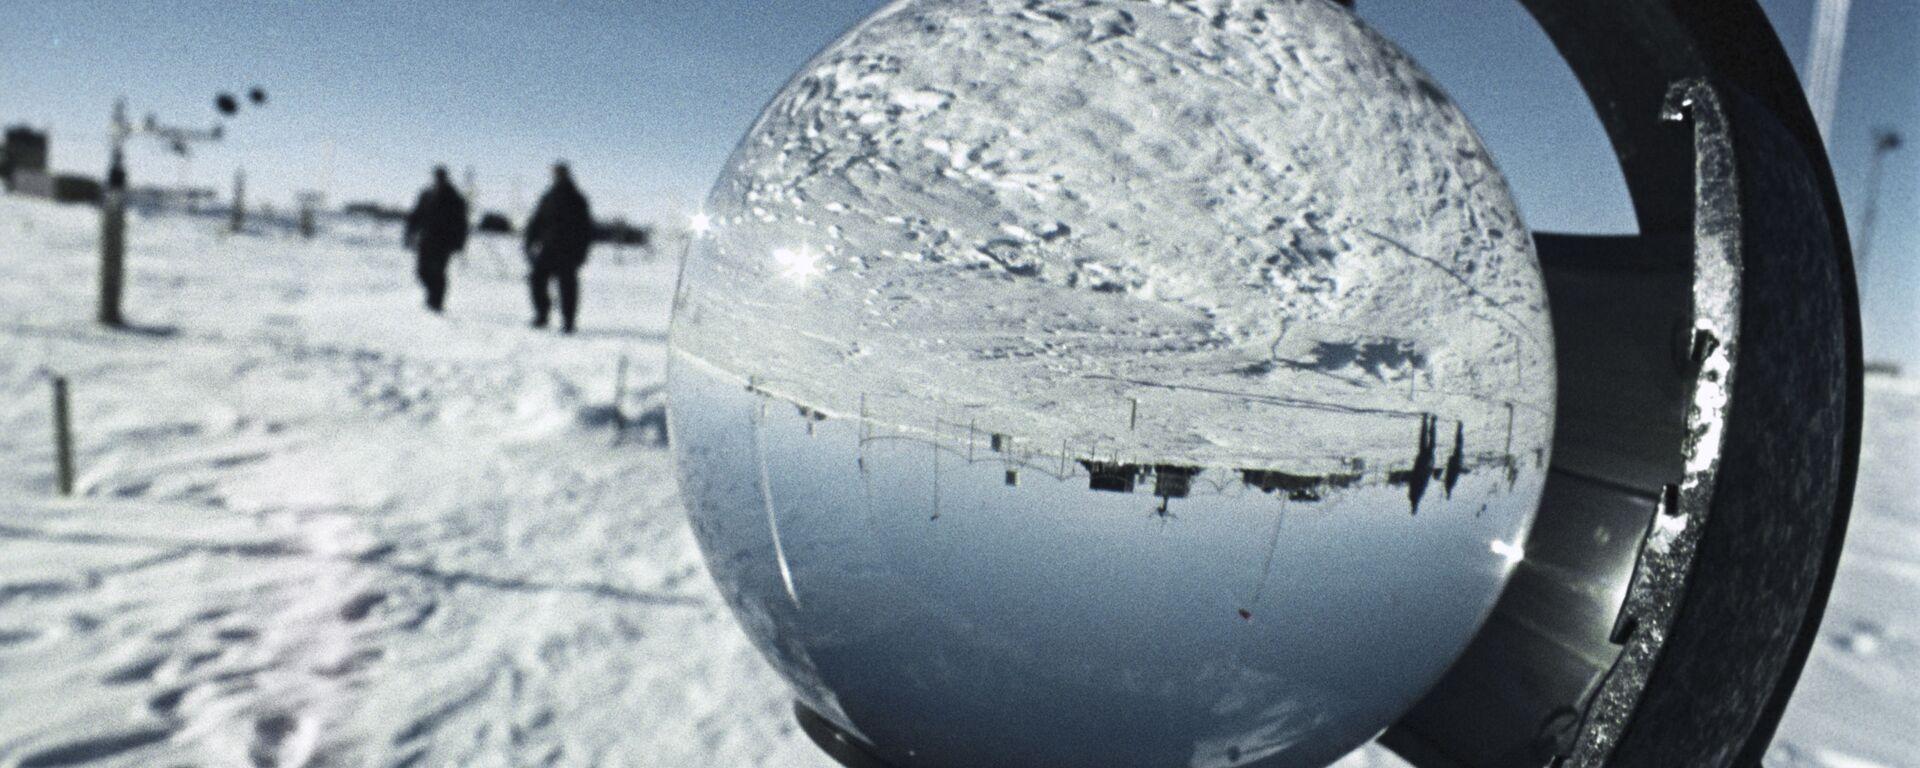 Antarktida se vyznačuje zvláště tvrdým podnebím. Ve Východní Antarktidě na sovětské antarktické stanici Vostok byla 21.července 1983 zaznamenána nejnižší teplota vzduchu na Zemi za celou historii meteorologických měření: 89,2 stupně pod nulou. Oblast je považována za pól chladu Země - Sputnik Česká republika, 1920, 27.09.2021